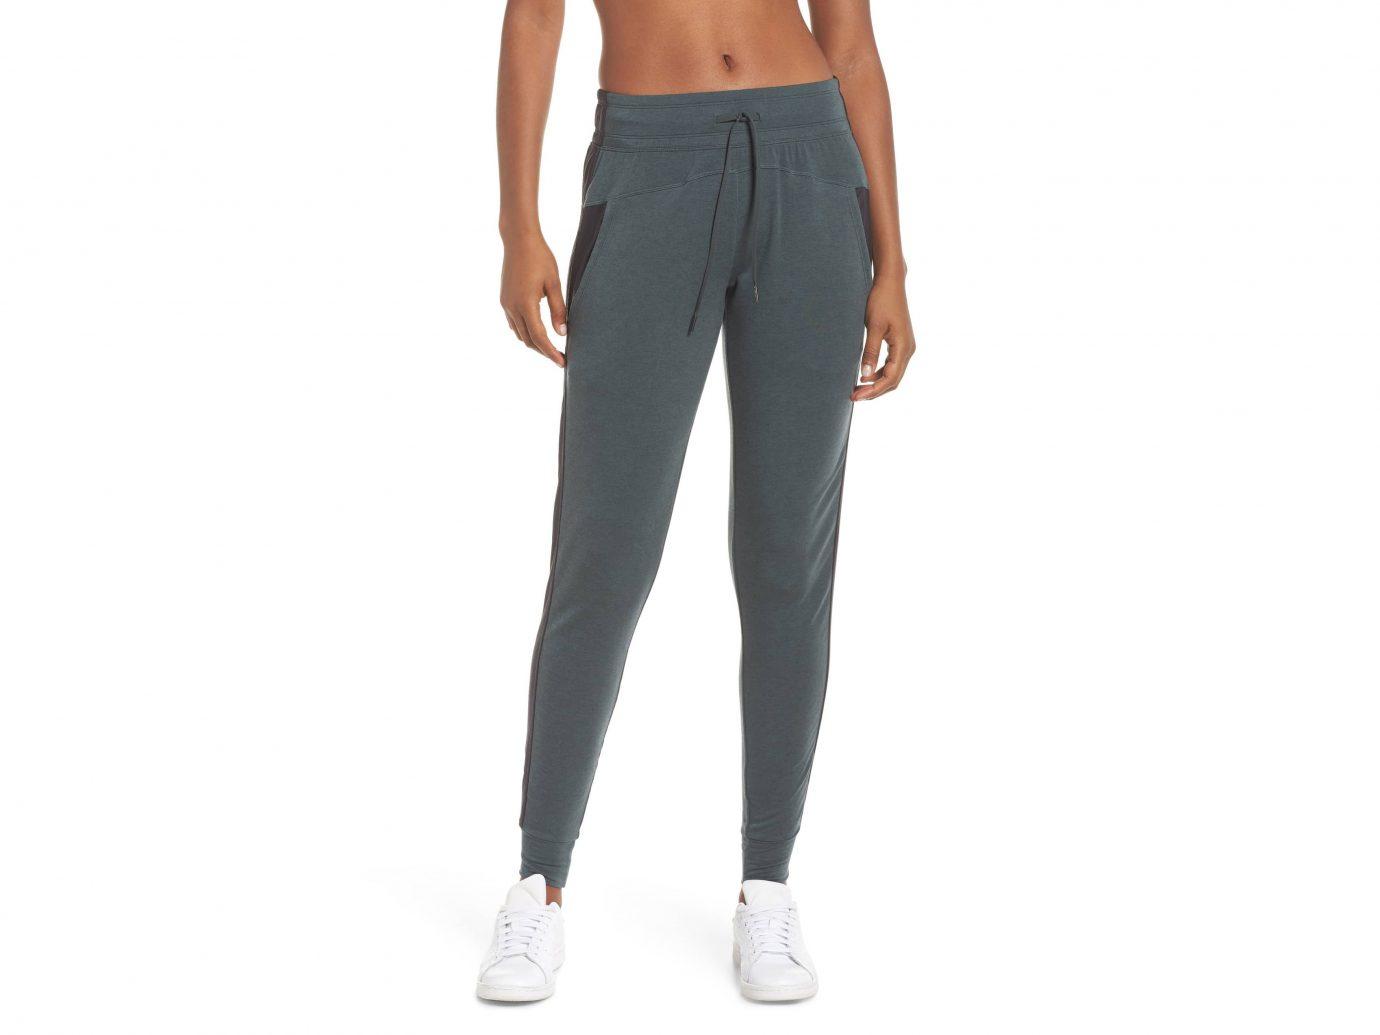 Zella Milla Jogger Pants